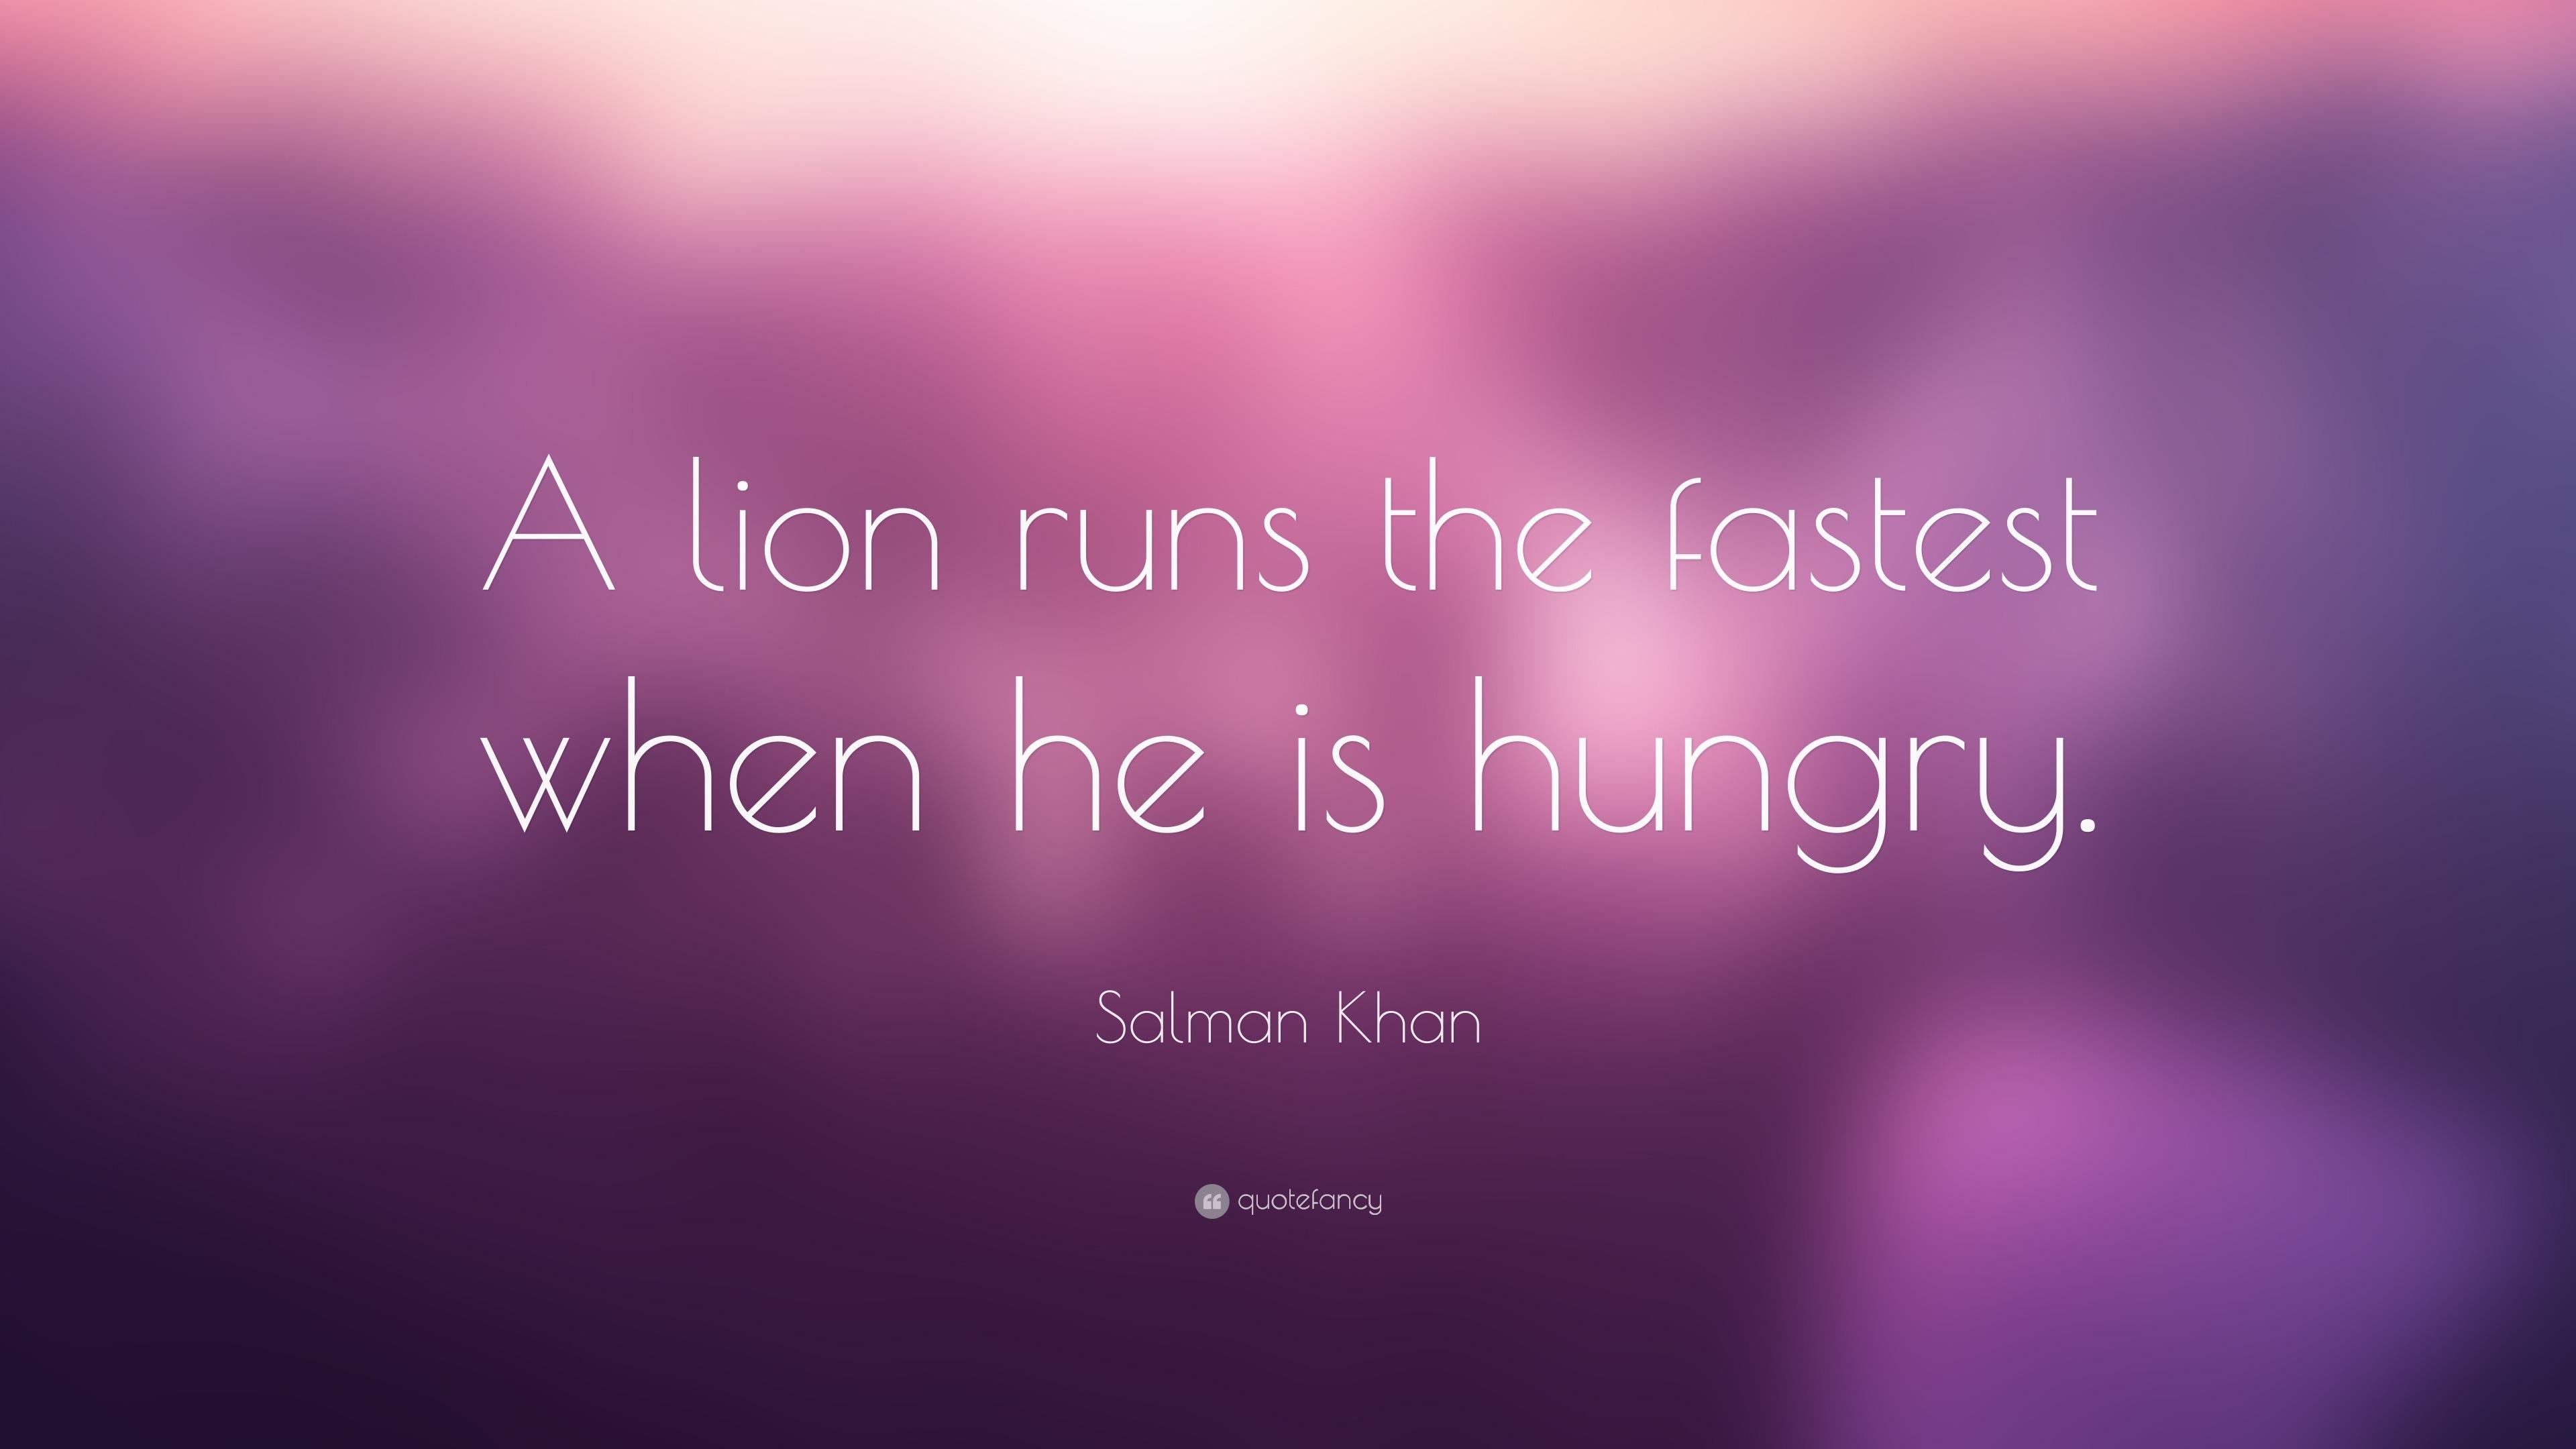 Top 25 Salman Khan Quotes 2021 Update Quotefancy Discover and share salman khan quotes. top 25 salman khan quotes 2021 update